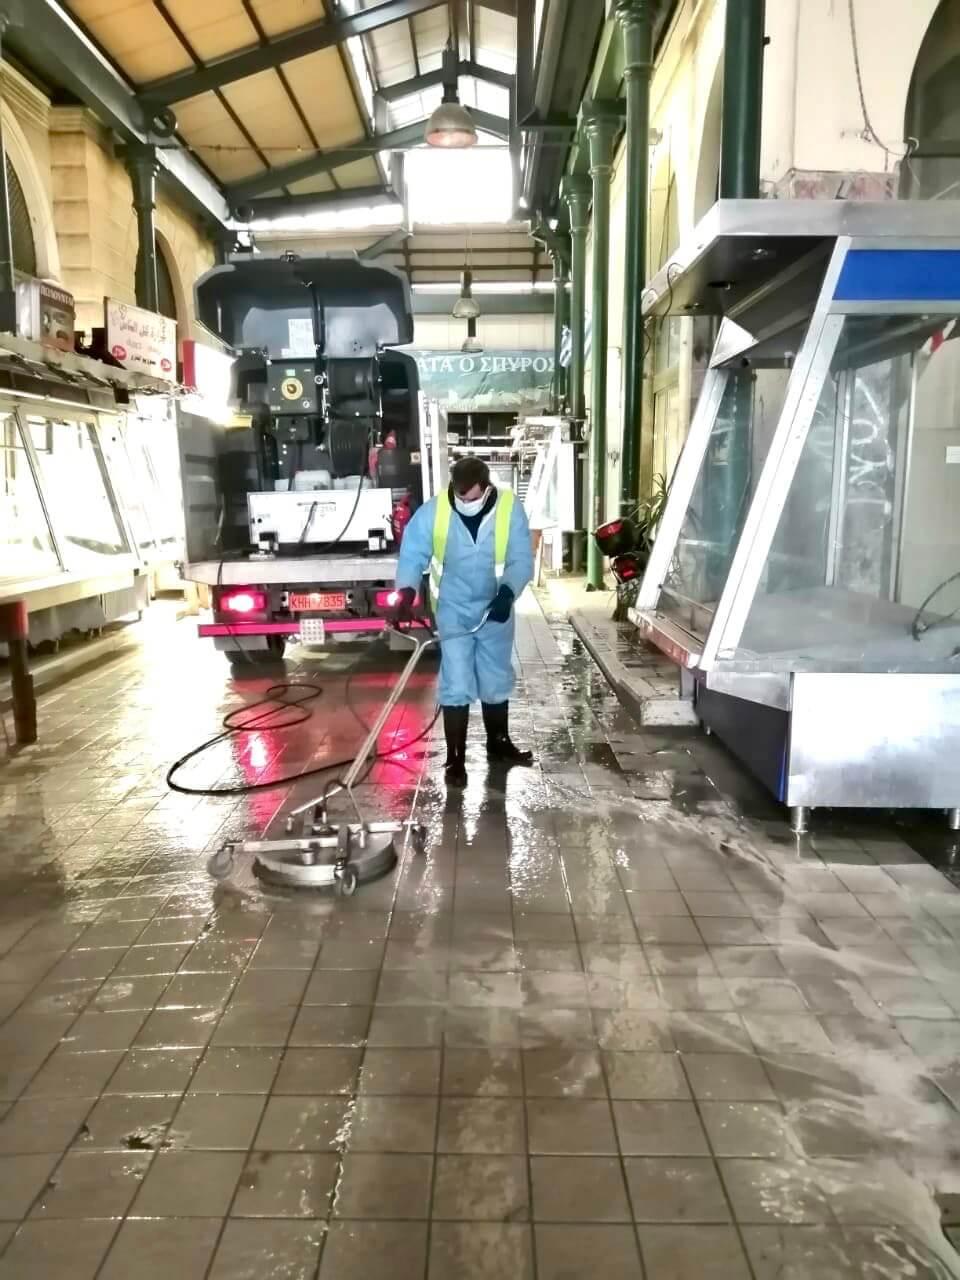 Μεγάλη επιχείρηση καθαριότητας-απολύμανσης στη Βαρβάκειο Αγορά από τον Δήμο Αθηναίων